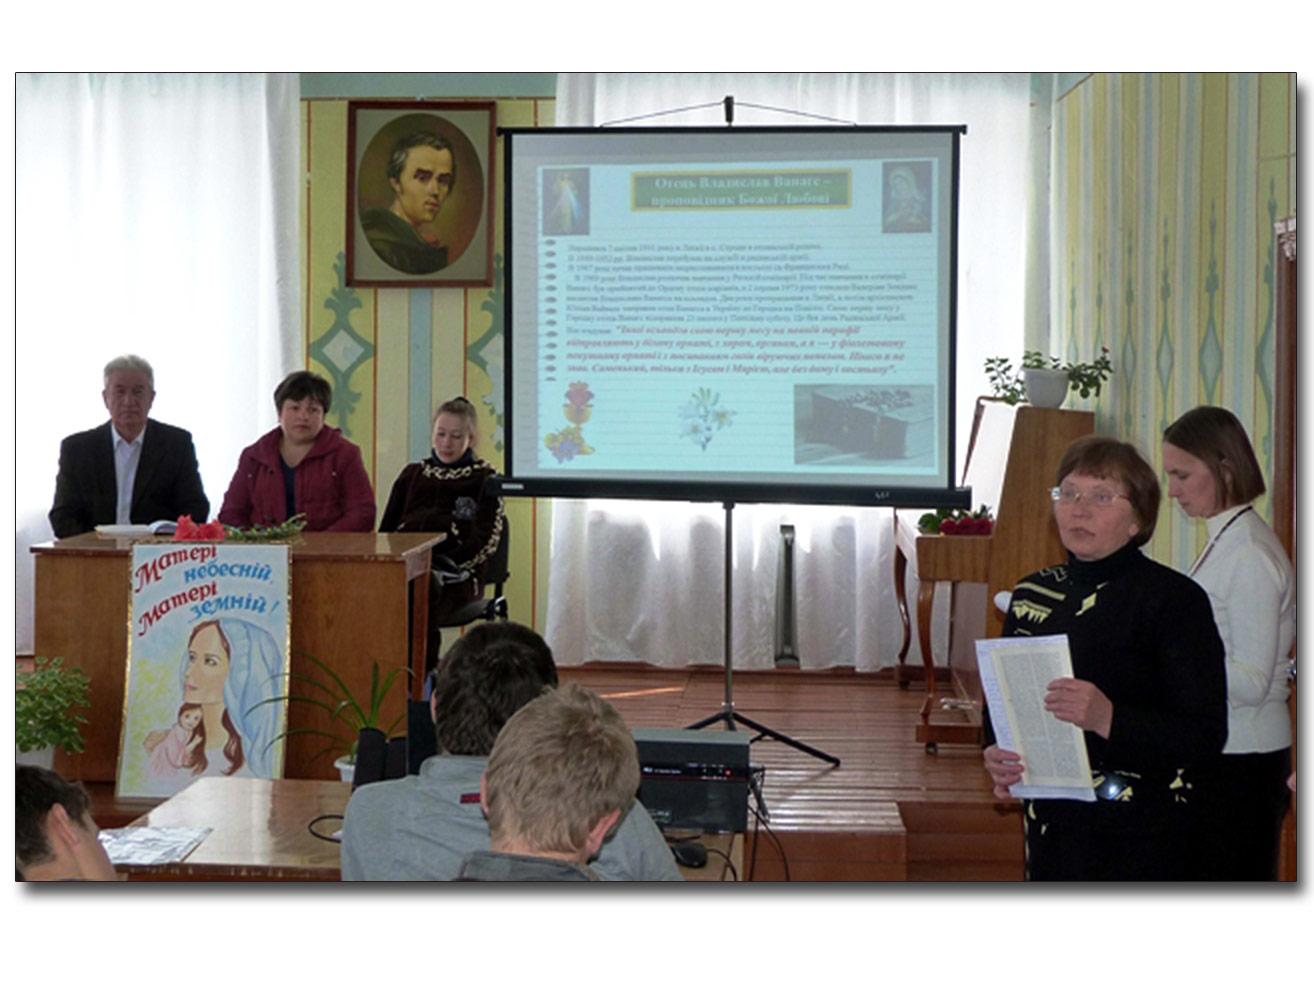 Zdjęcie pobrano z www.credo-ua.org